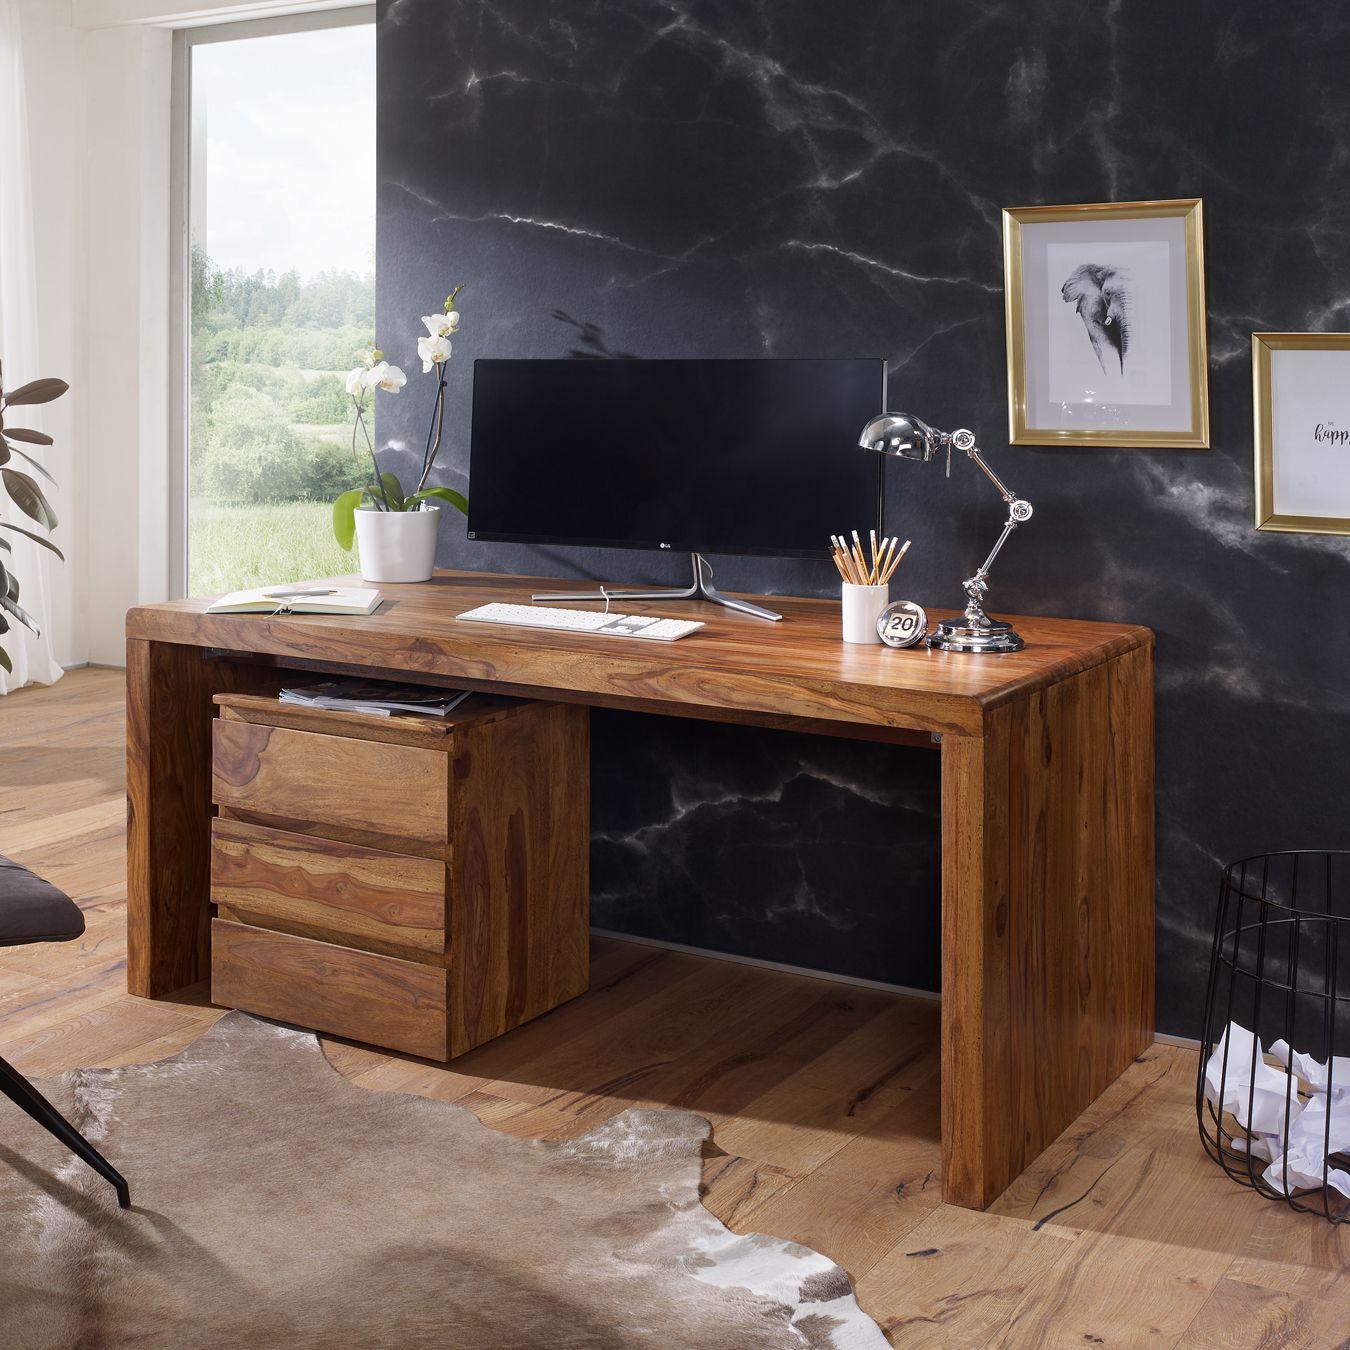 Schreibtisch Massiv Holztisch Sheesham Palisander Buro Arbeitszimmer Tisch Mit Bildern Design Schreibtisch Schreibtisch Holztisch